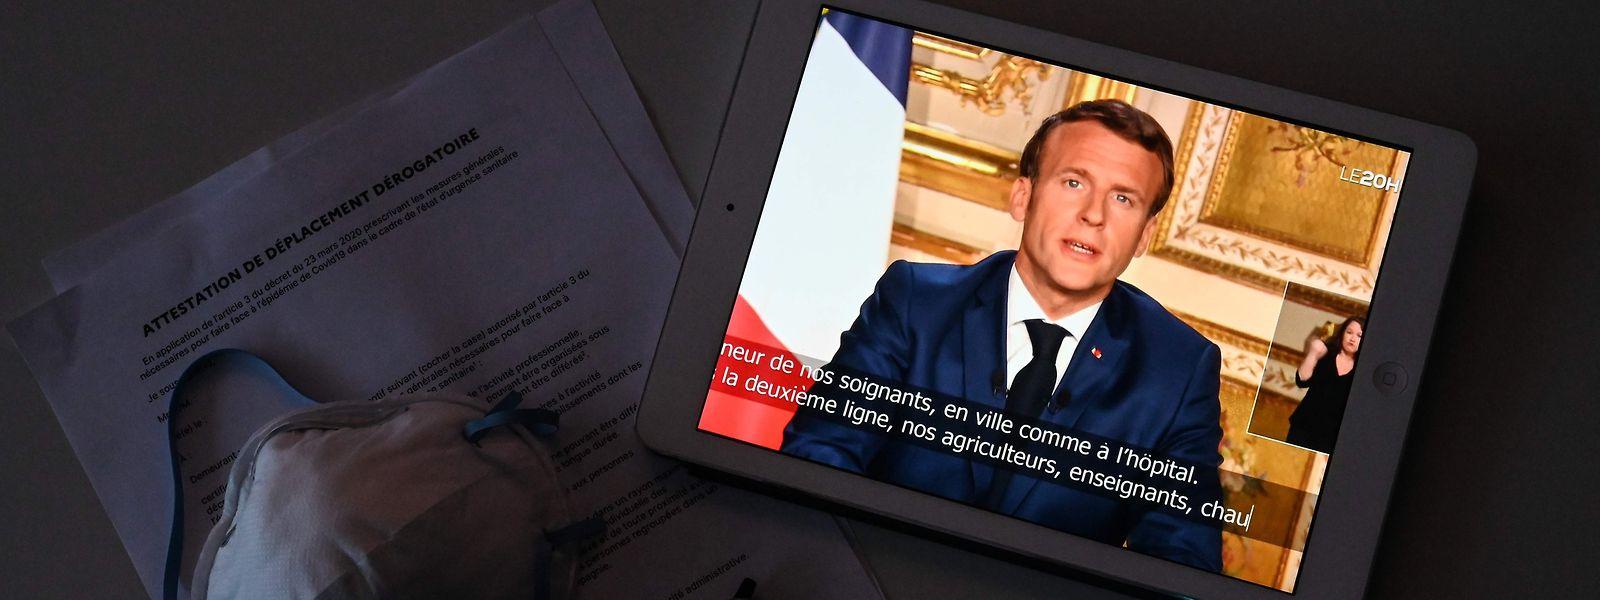 Emmanuel Macron hat sich am Montag bereits zum dritten Mal in der Corona-Pandemie an die Bevölkerung gewandt.